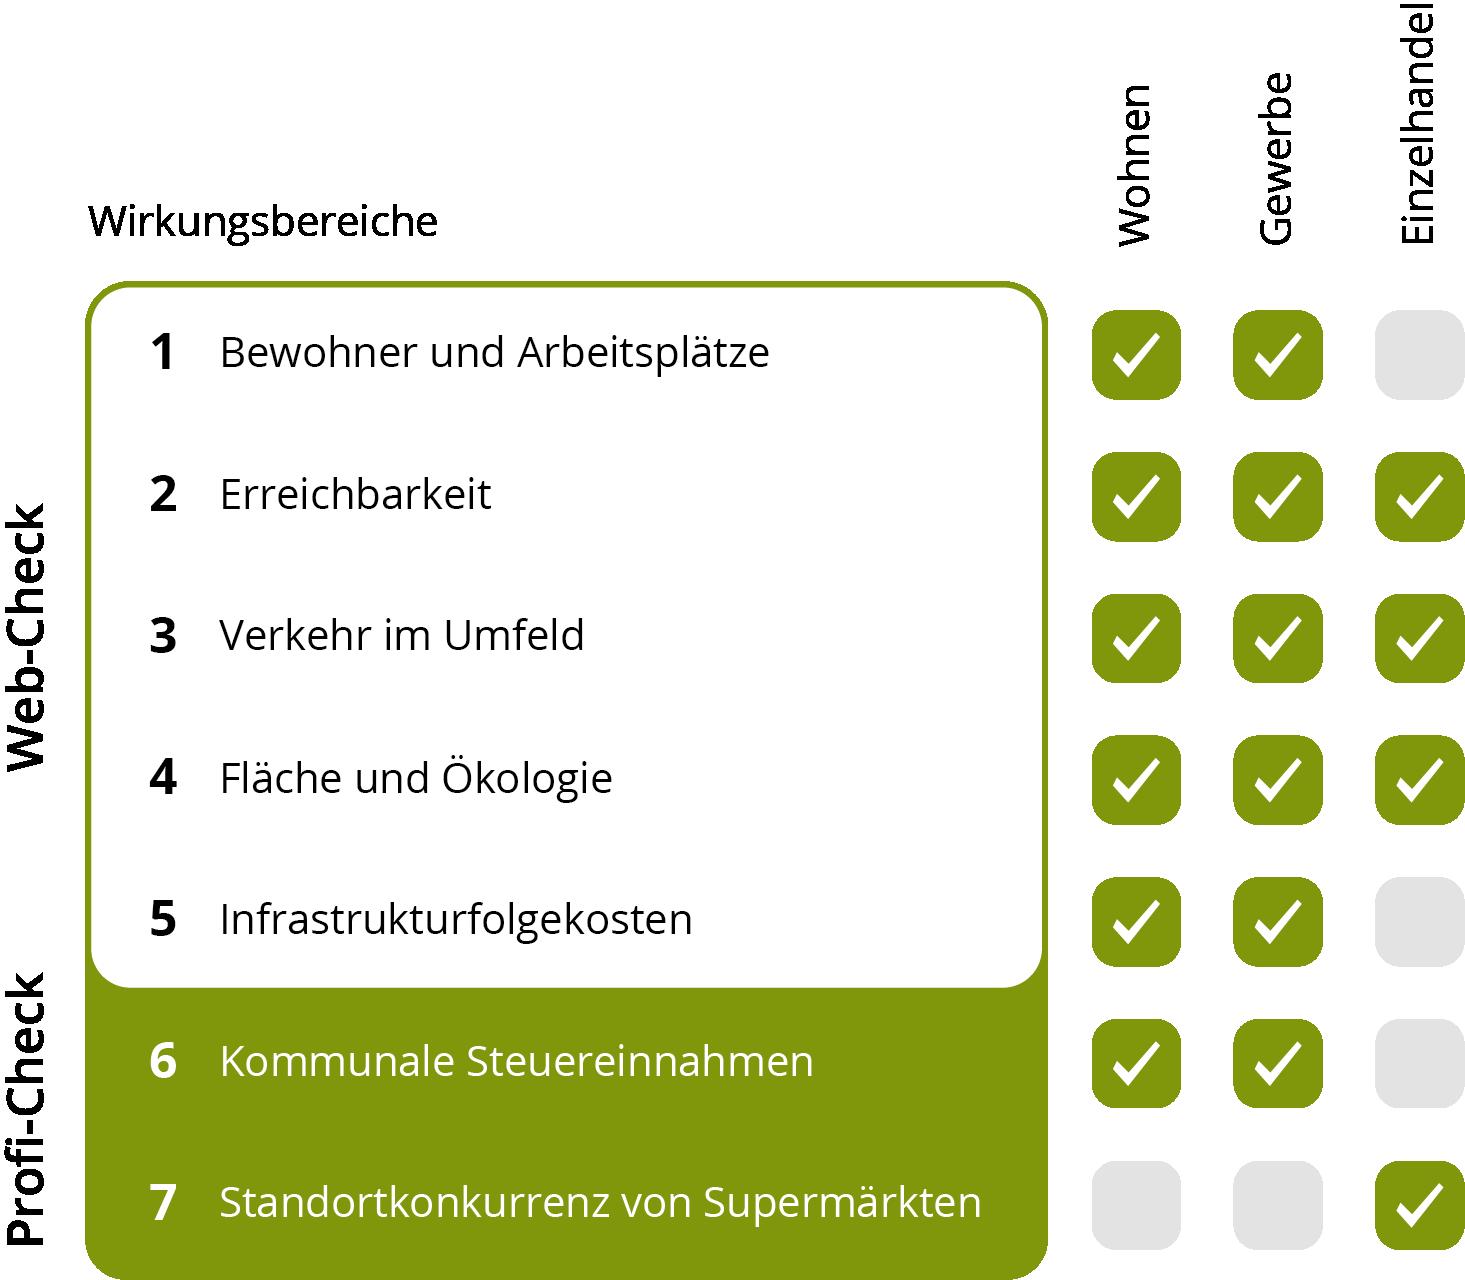 Übersicht Projekt-Check ohne Überschrift.png